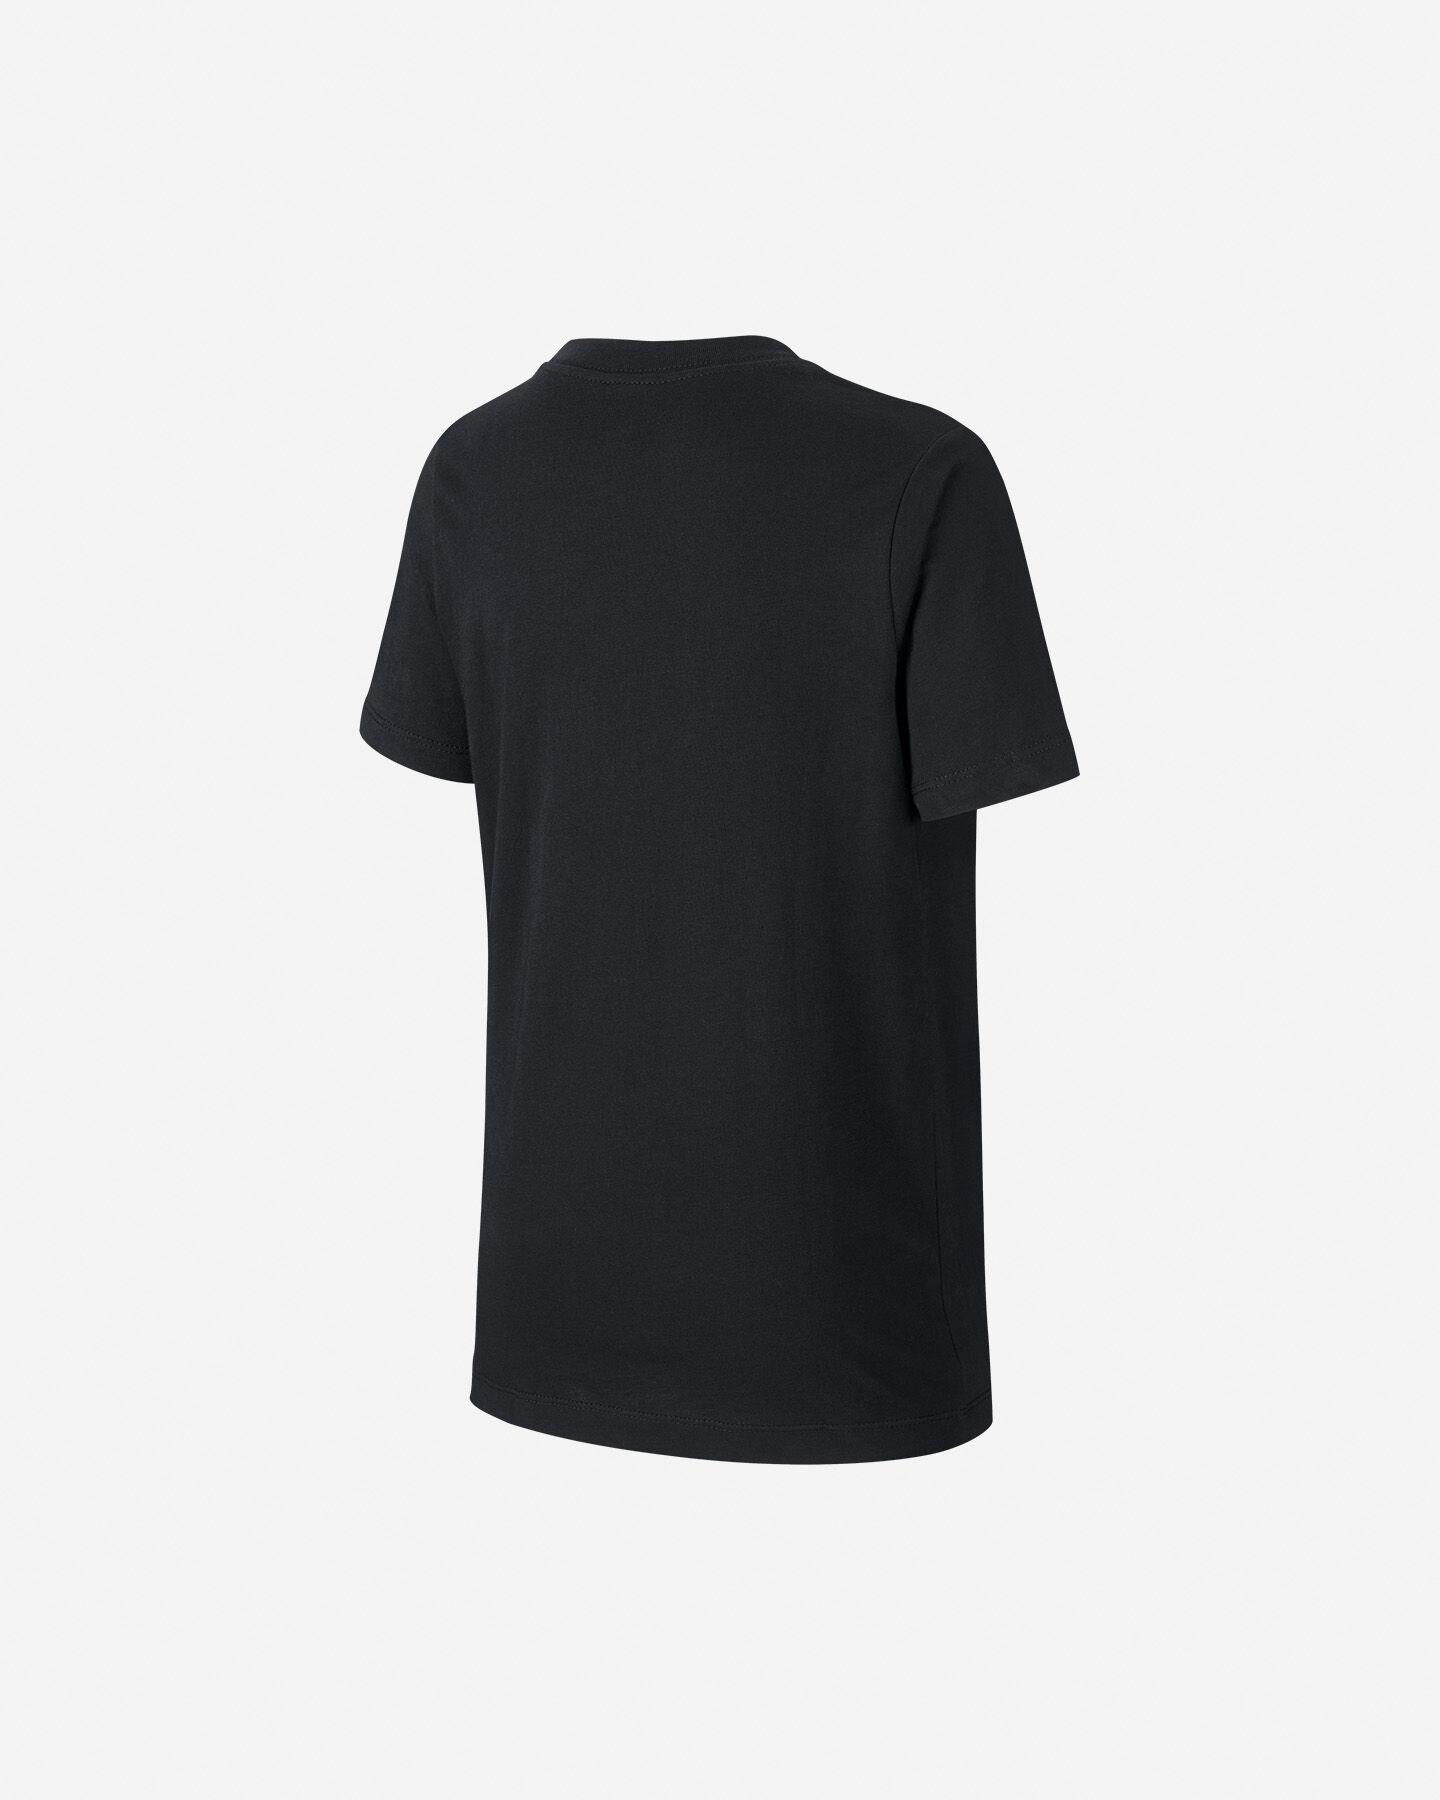 T-Shirt NIKE AIR PHOTO JR S5165058 scatto 1